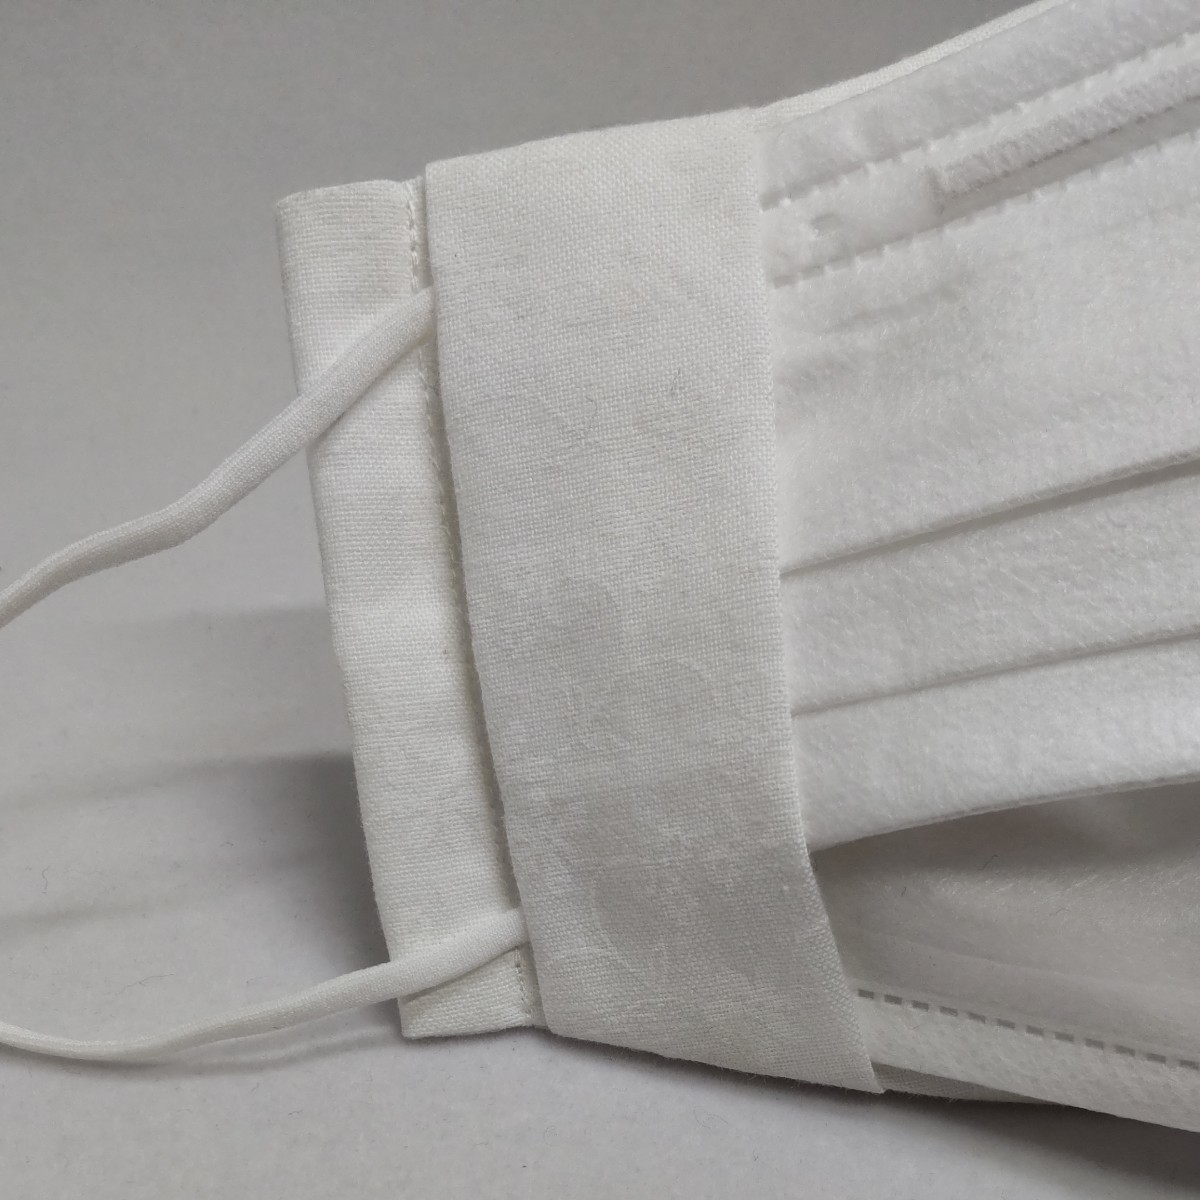 立体インナー立体カバー コットン花柄 白 2wayタイプ